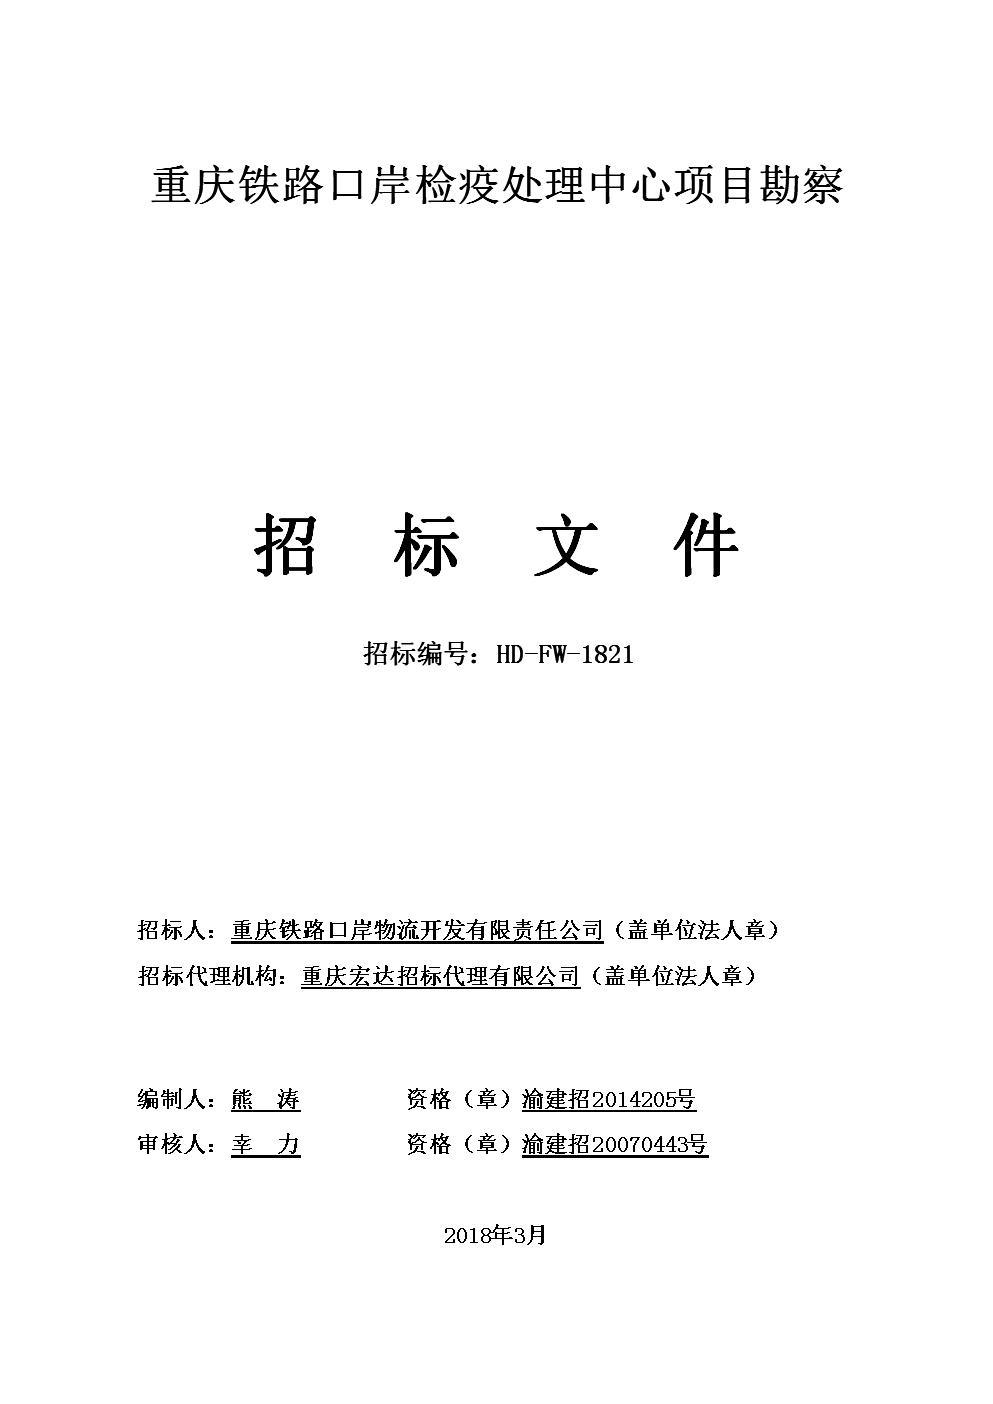 重庆铁路口岸检疫处理中心项目勘察招标文件.doc